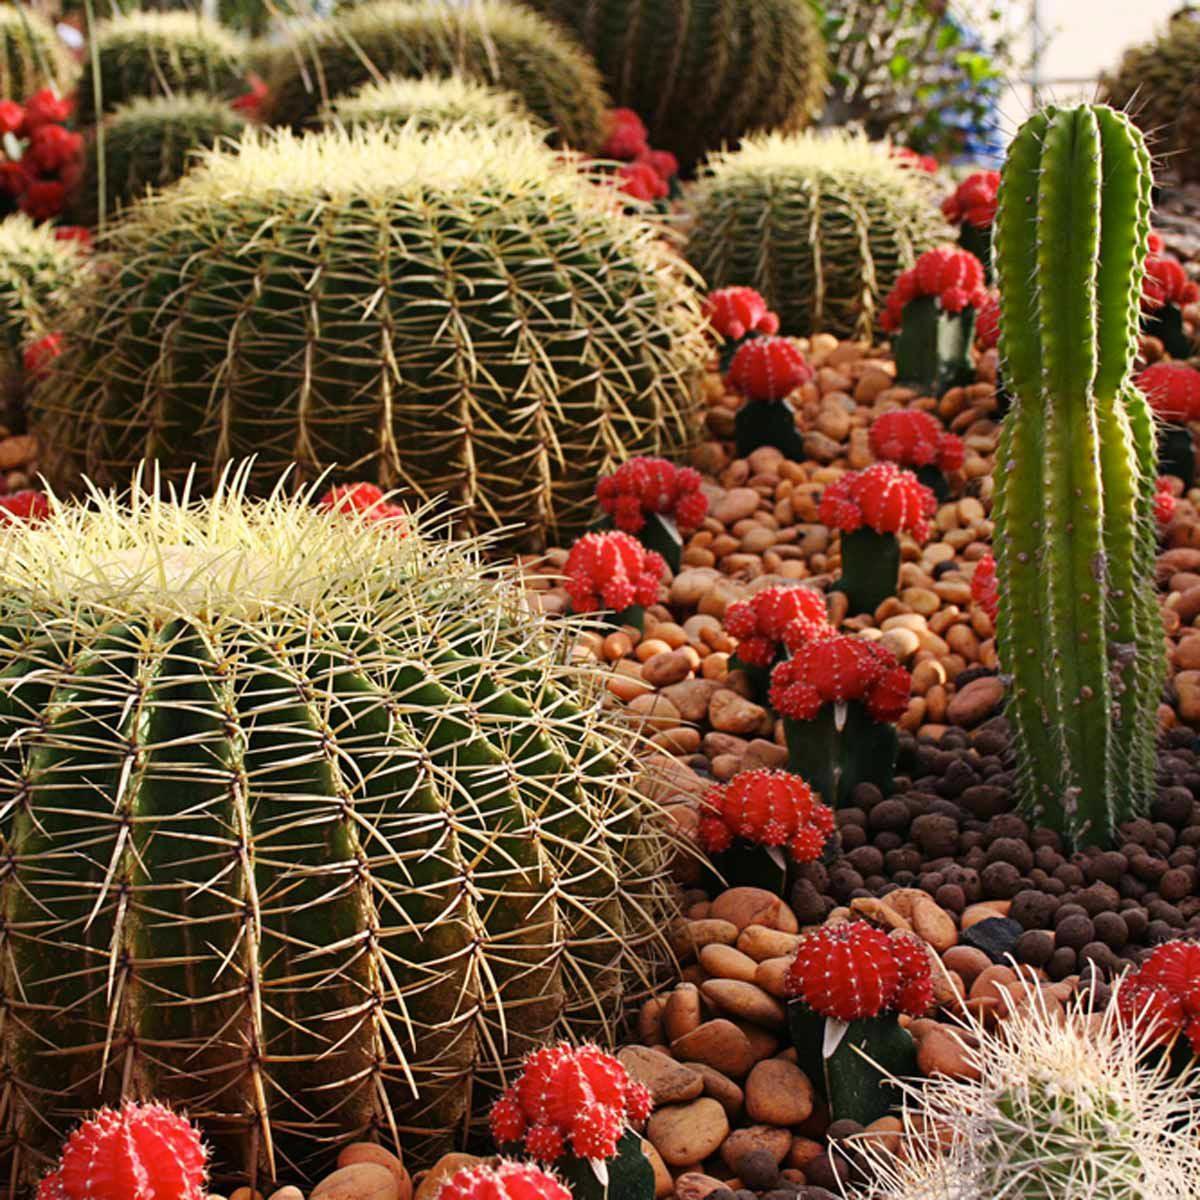 Aménagement paysager : groupez les plantes selon leur type de terre et leur niveau d'ensoleillement.